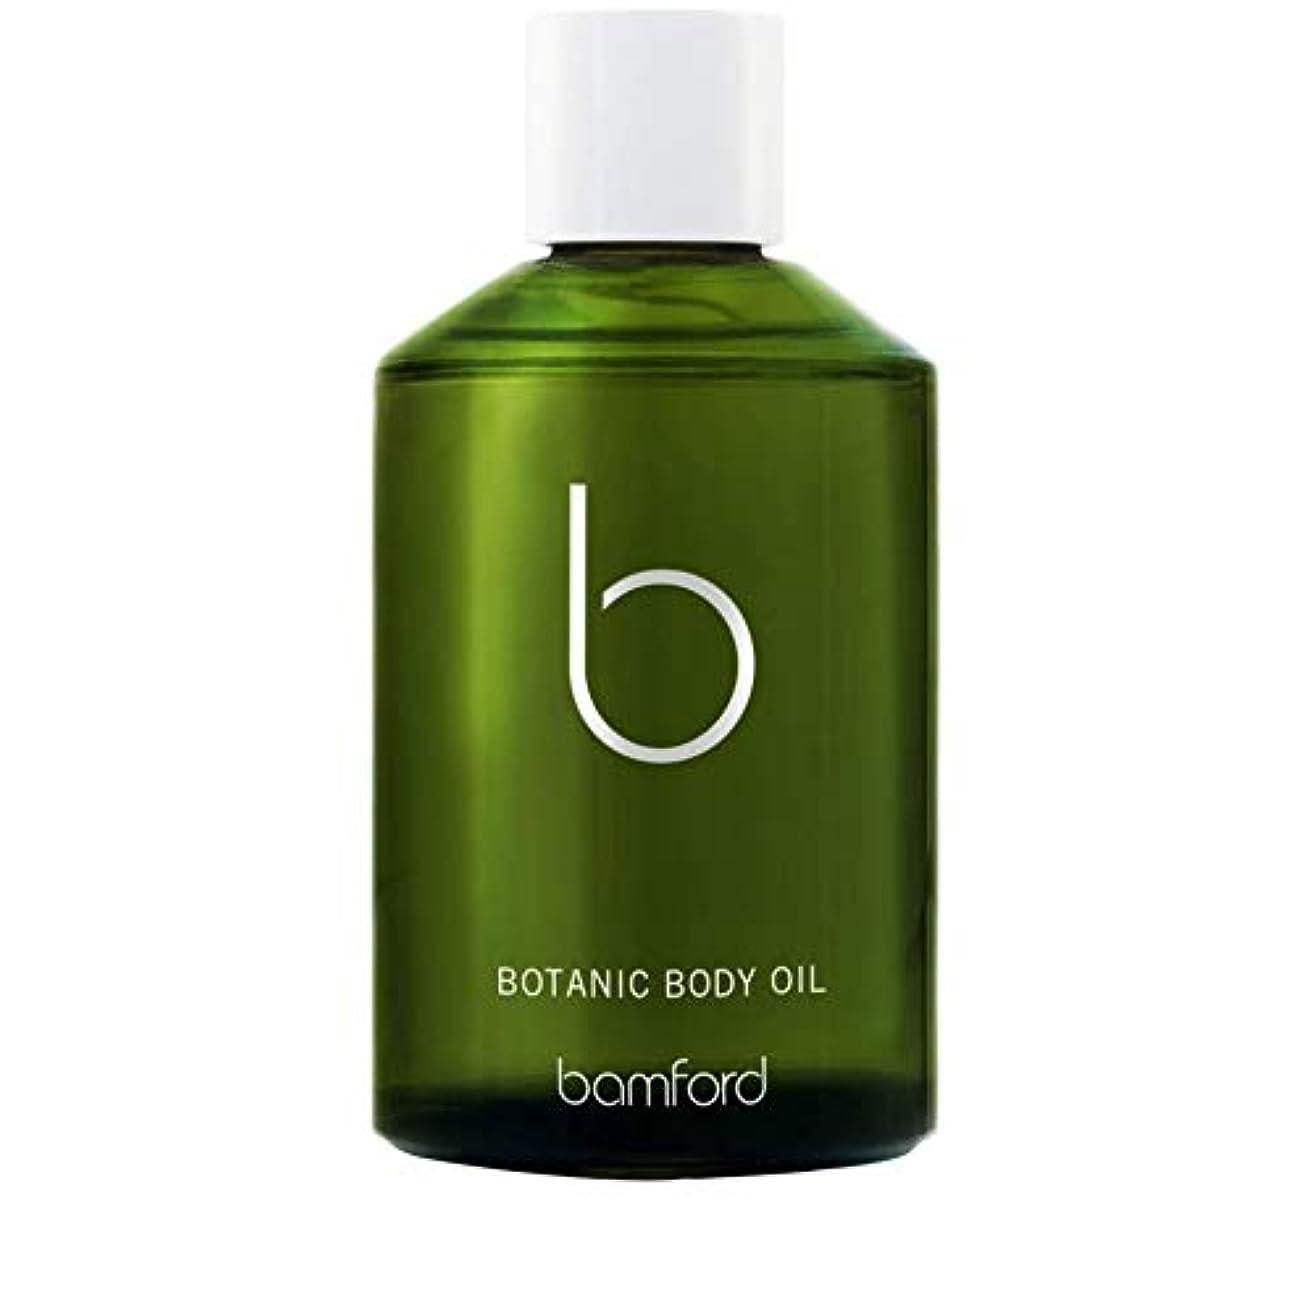 お互い悩むうまれた[Bamford ] バンフォード植物のボディオイル125ミリリットル - Bamford Botanic Body Oil 125ml [並行輸入品]